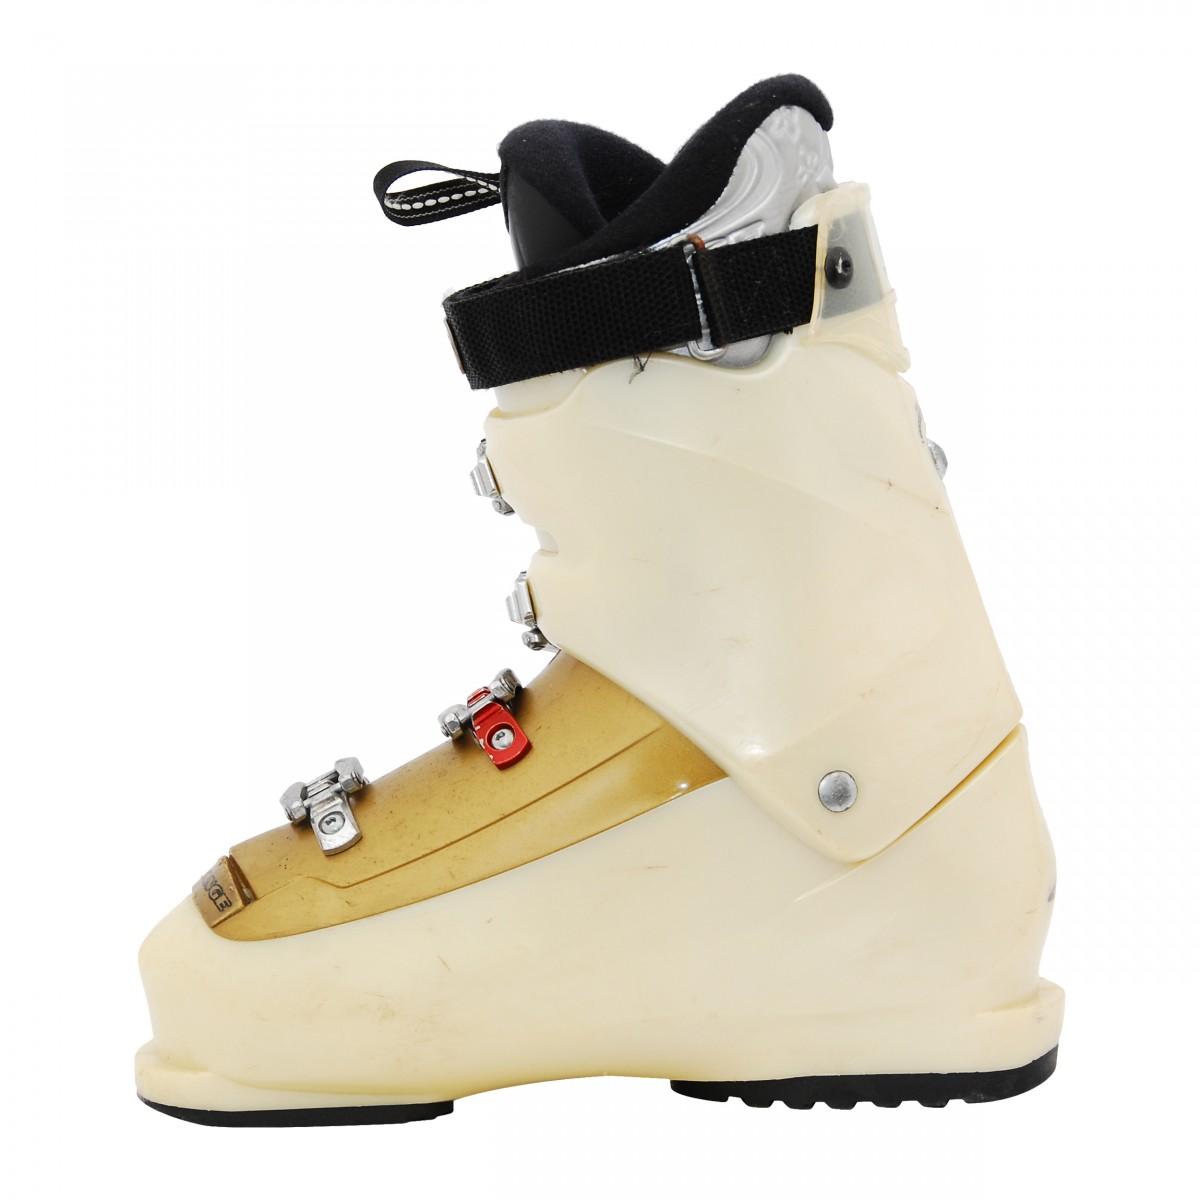 Chaussure-de-Ski-Occasion-Lange-Venus-concept-Plus-R-Beige-or miniature 5